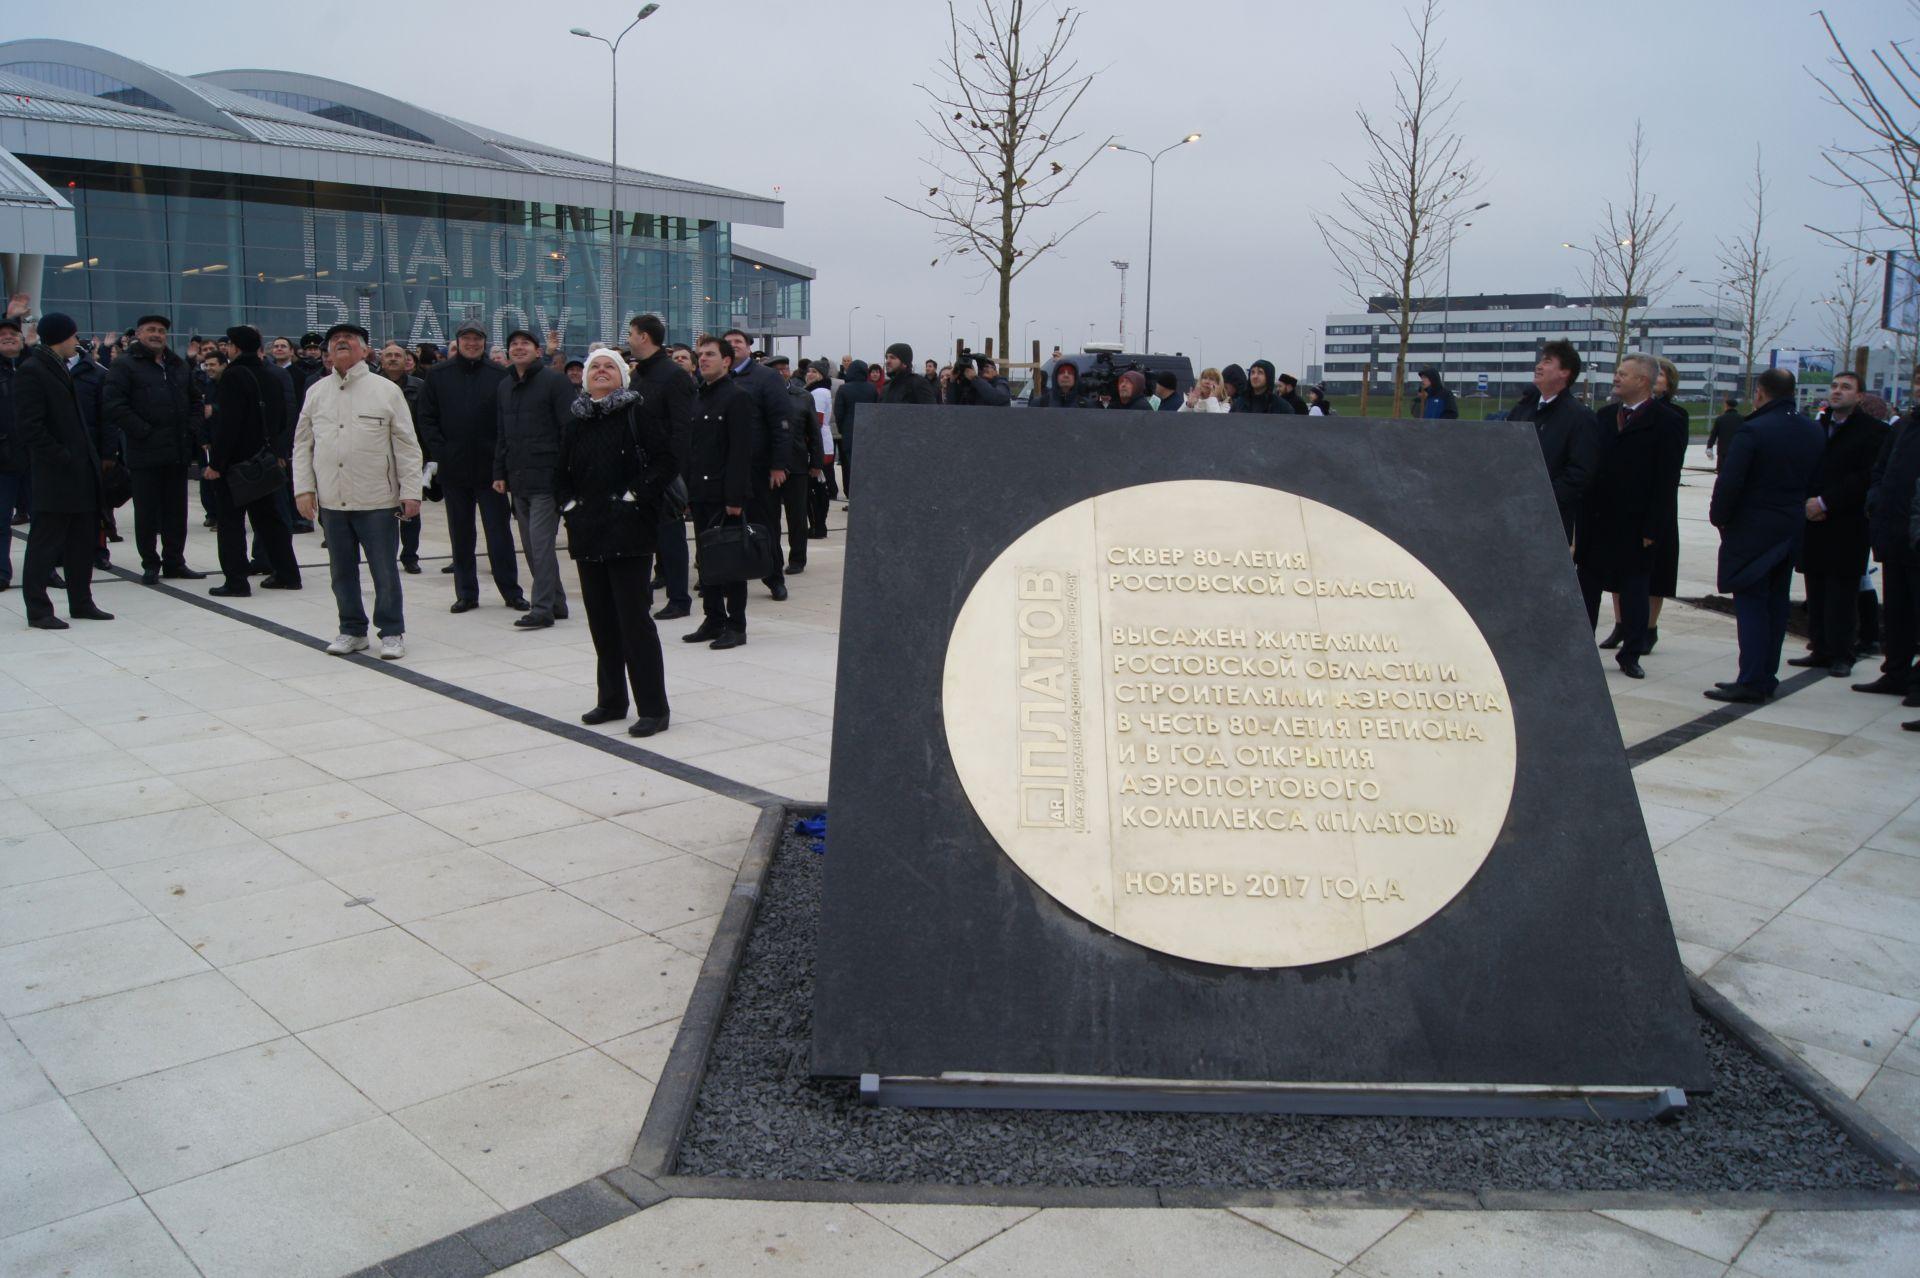 Сквер 80-летия Ростовской области заложен в аэропорту «Платов»